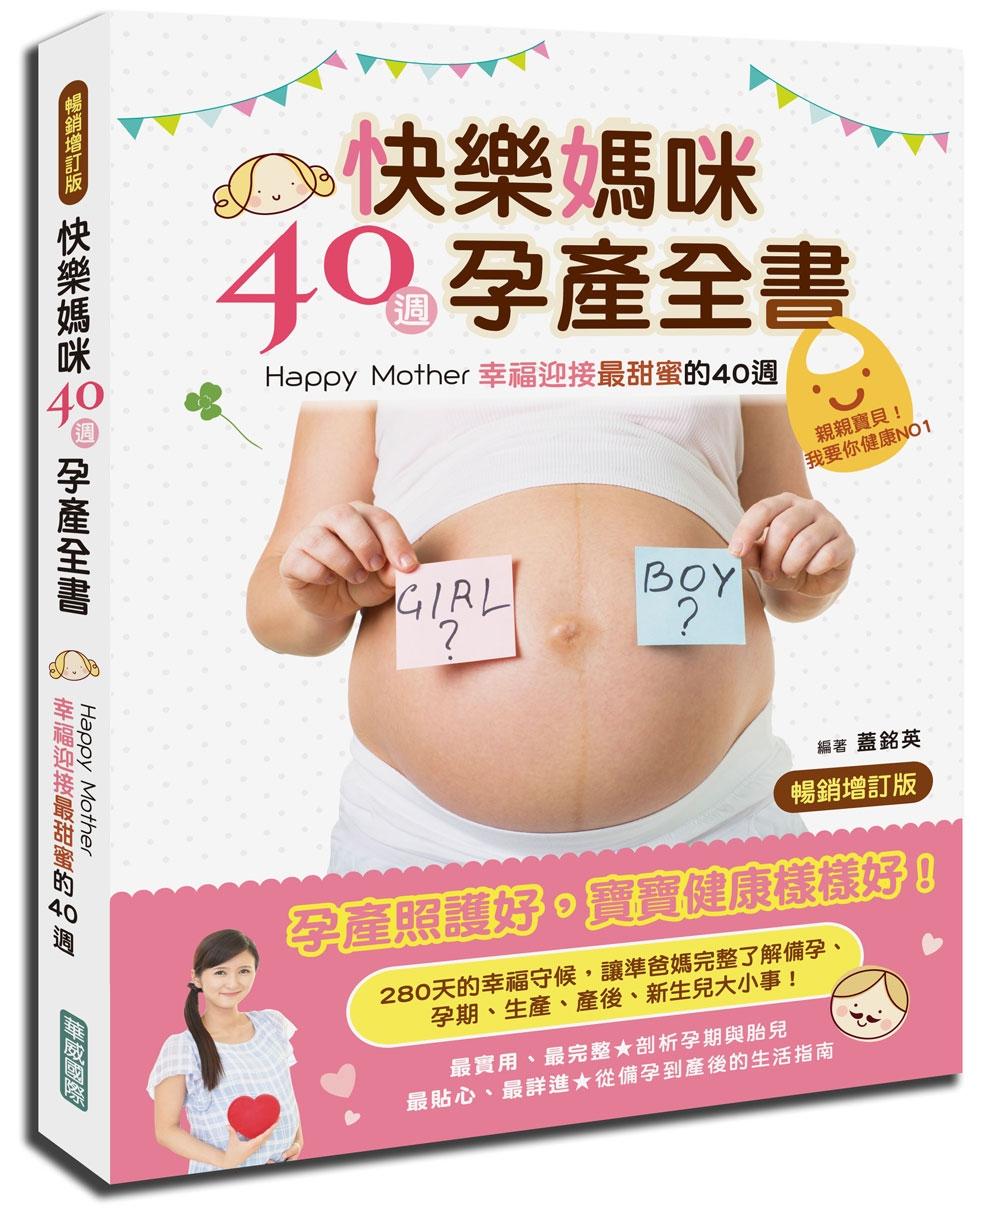 快樂媽咪40週孕產全書{暢銷增訂版}:Happy Mother~幸福迎接最甜蜜的40週